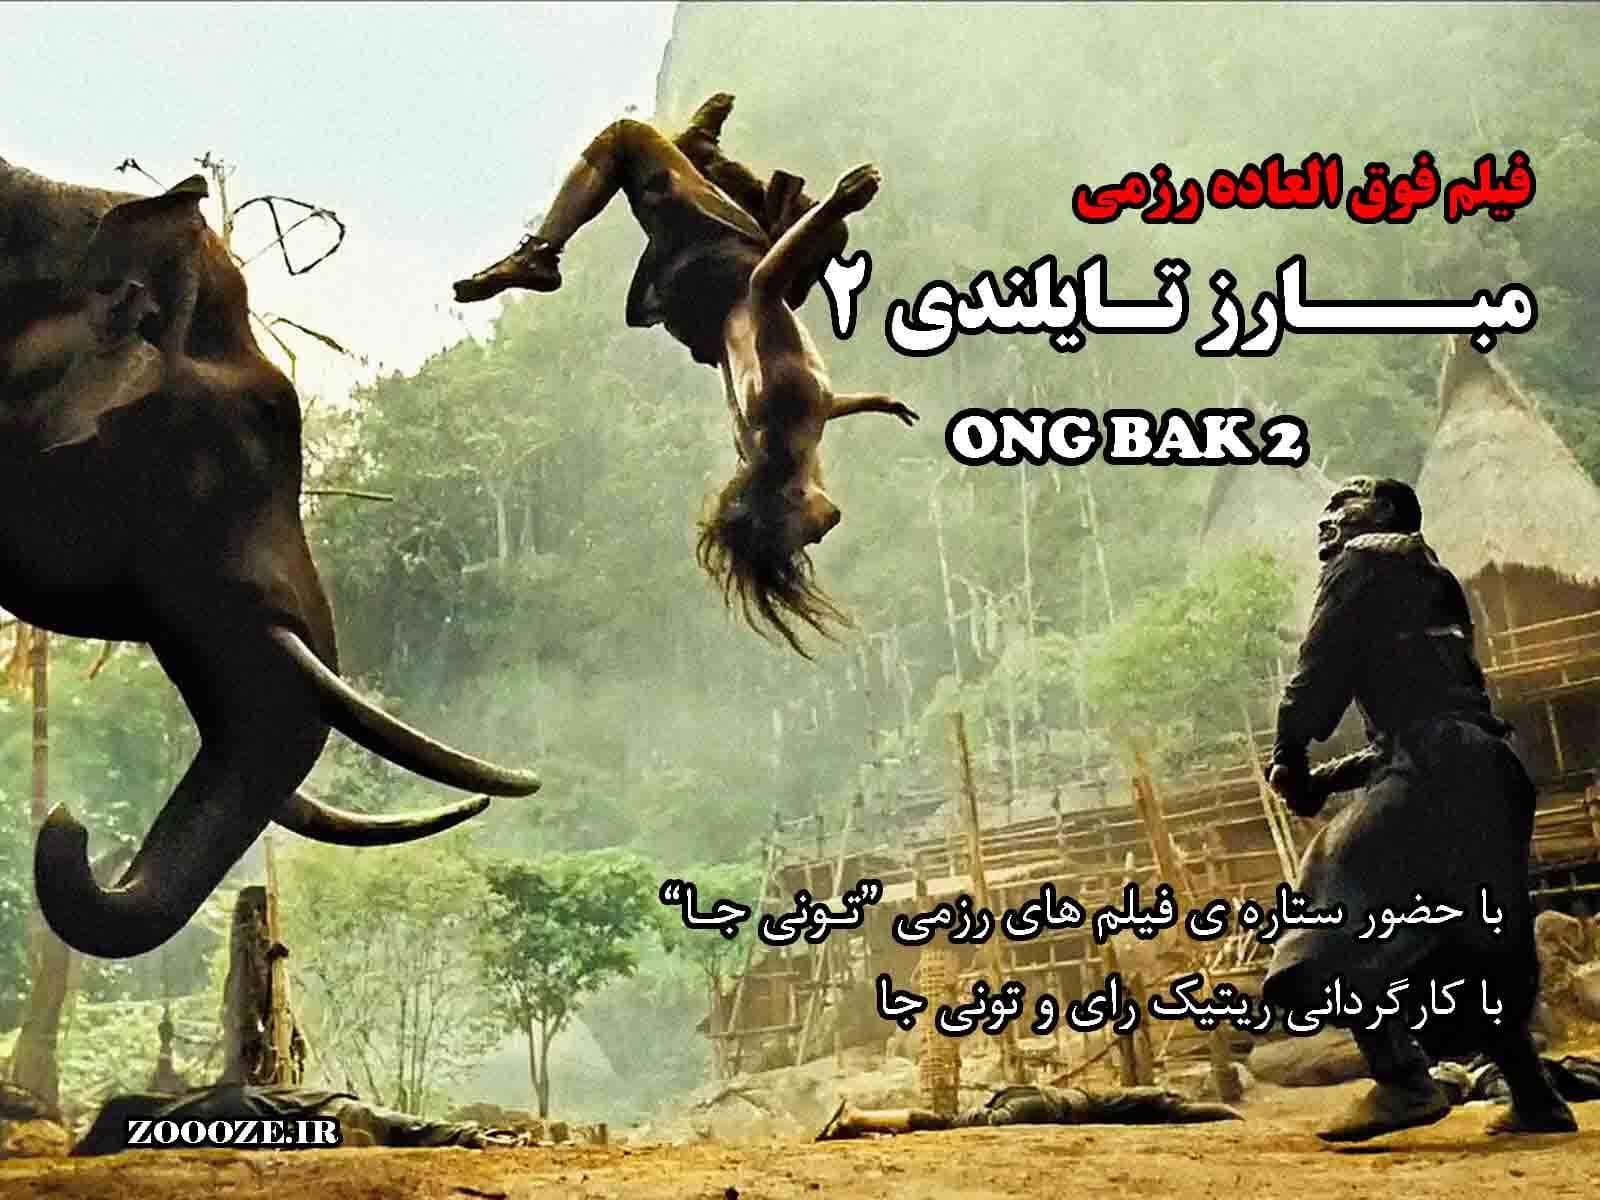 دانلود فیلم مبارز تایلندی ong bak 2 دوبله فارسی